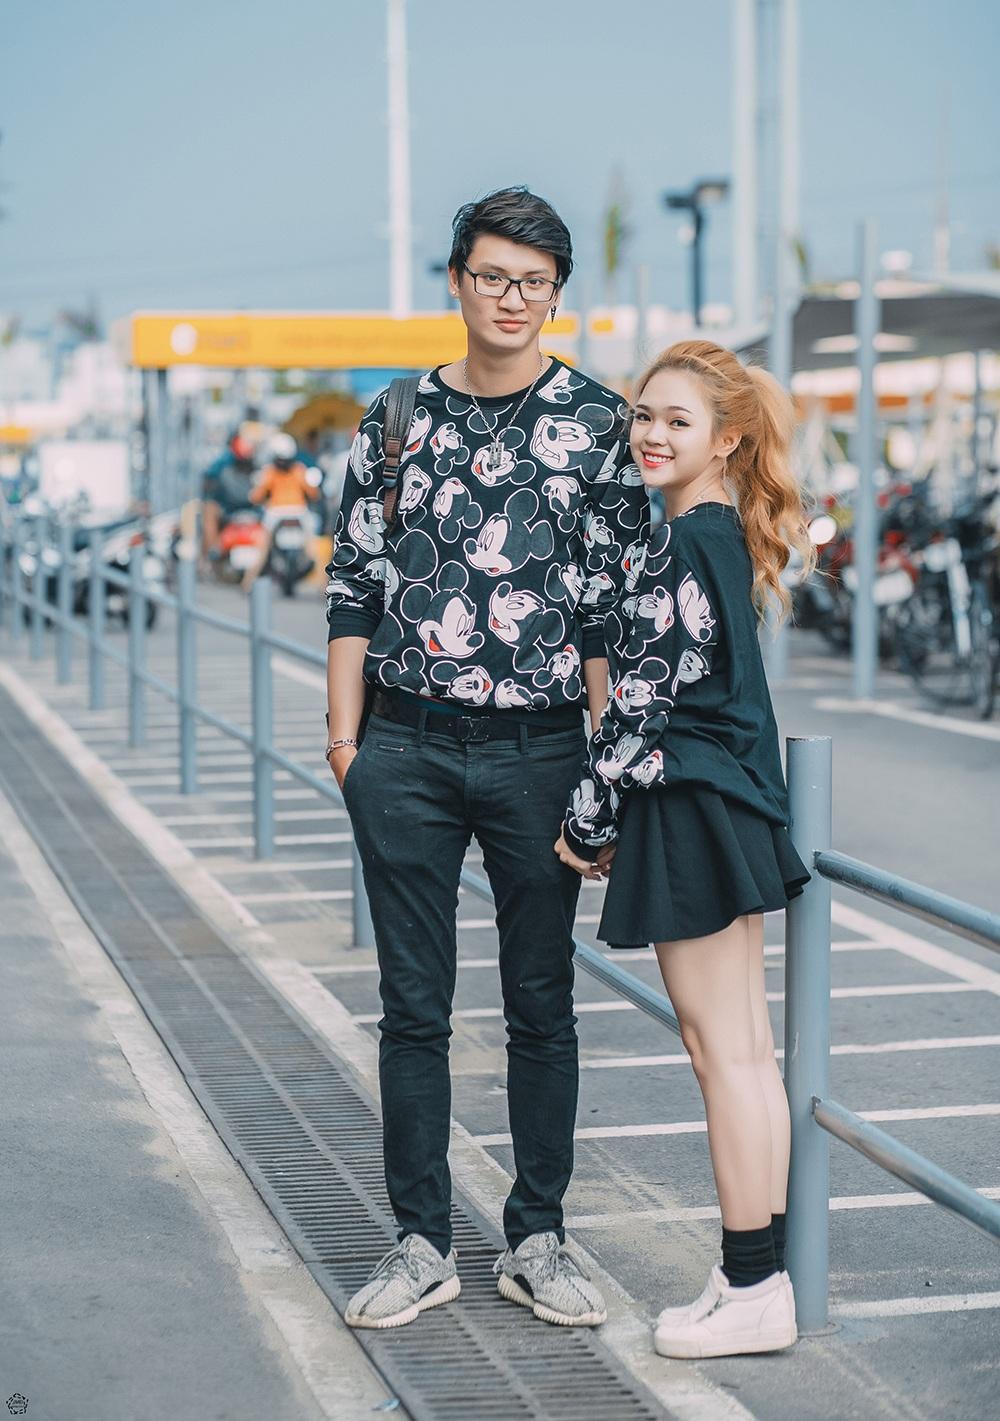 (Dân trí) - Cặp đôi yêu xa nổi tiếng trên mạng Như Thơ và Nino lại tiếp tục chia sẻ những hình ảnh ngọt ngào khiến nhiều người phải ghen tị.